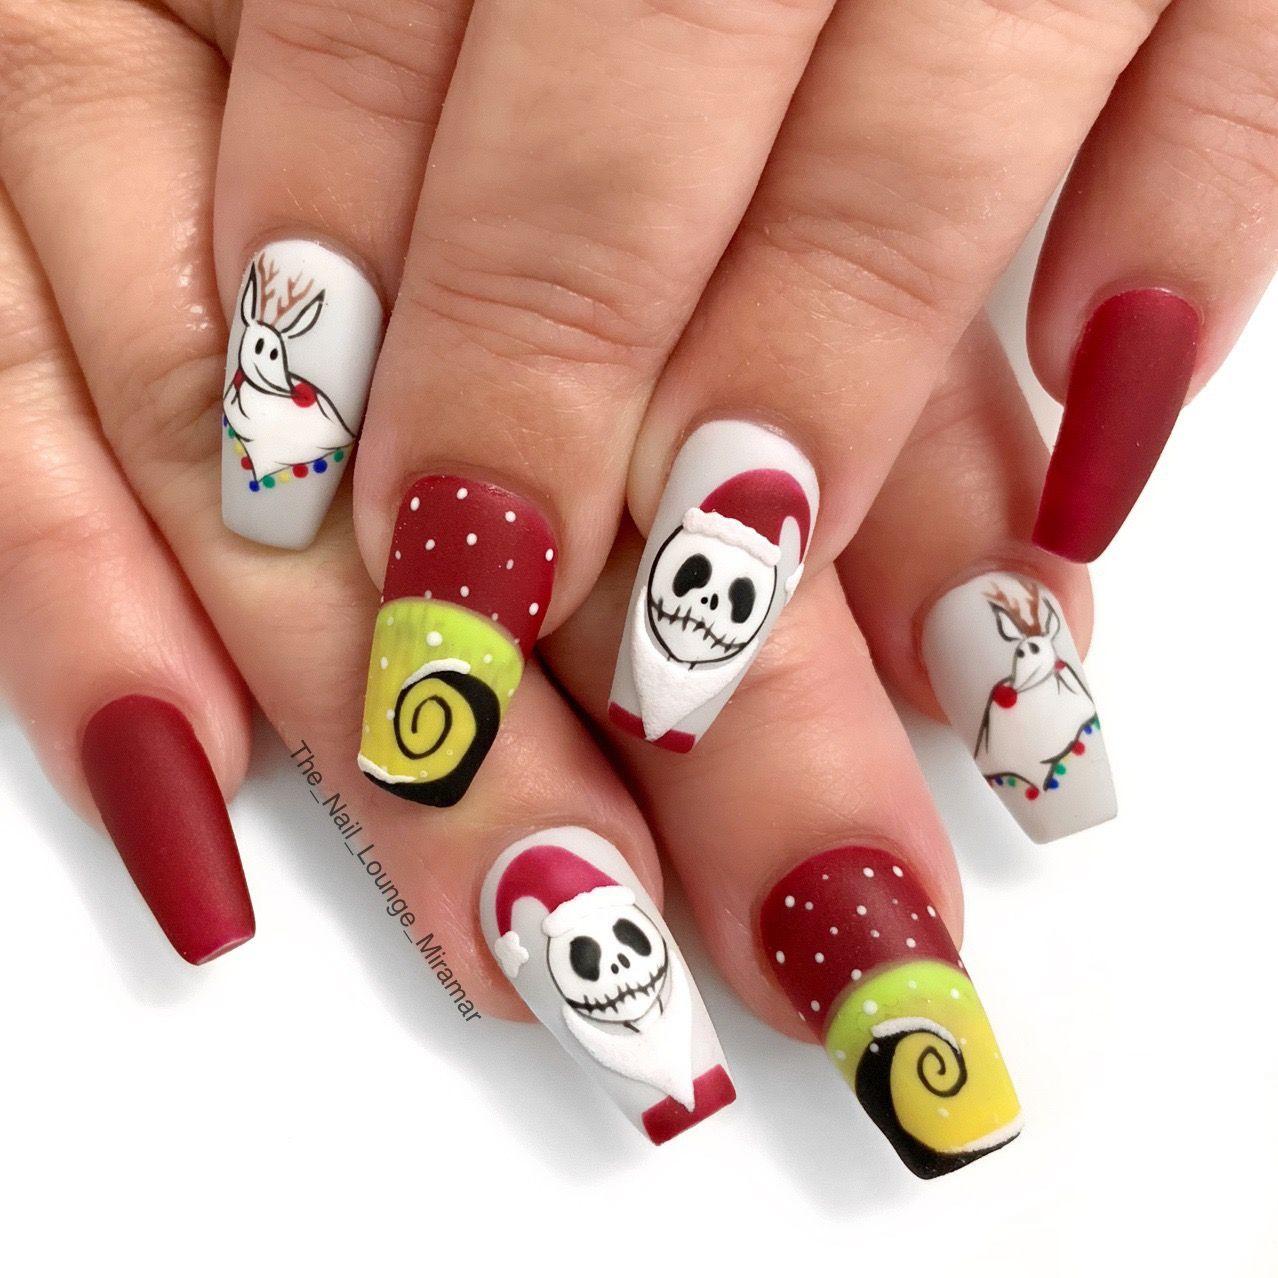 Nightmare Before Christmas Nail Art Design Nightmare Before Christmas Nails Christmas Nail Designs Xmas Nails